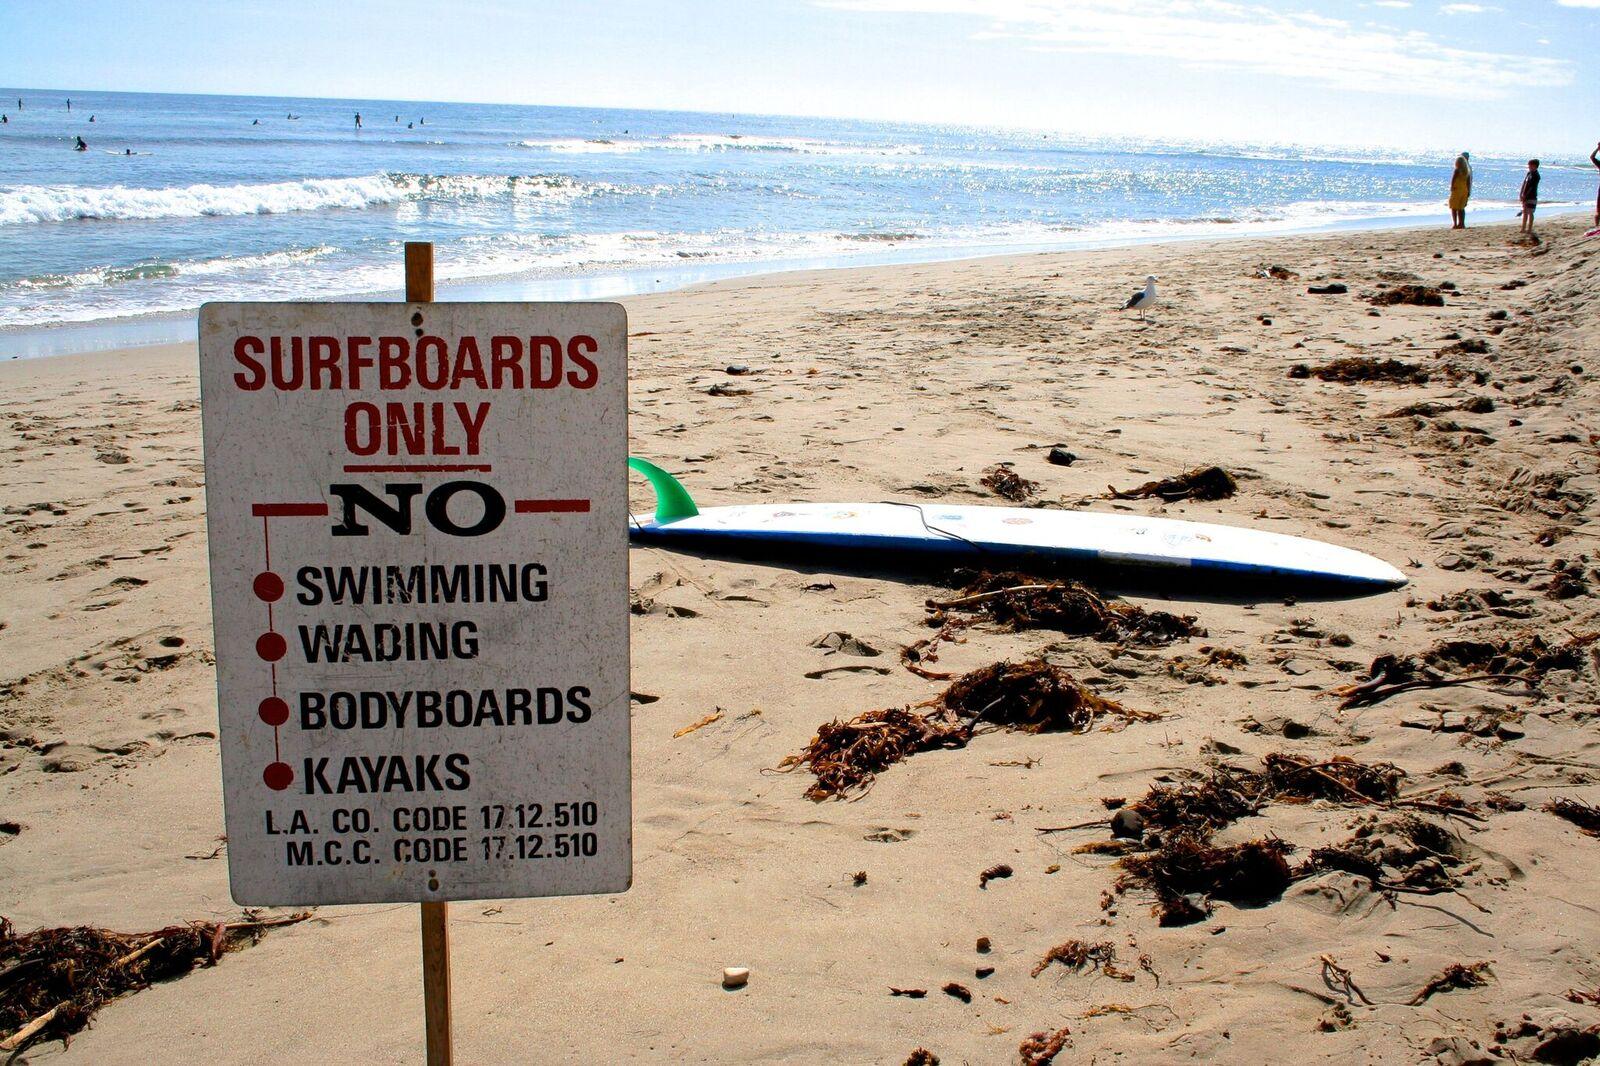 Monet rannat on suunnattu yhdelle Kalifornian suosituimmista urheilulajeista - surffaukselle. Kuva: Jussi Salonen